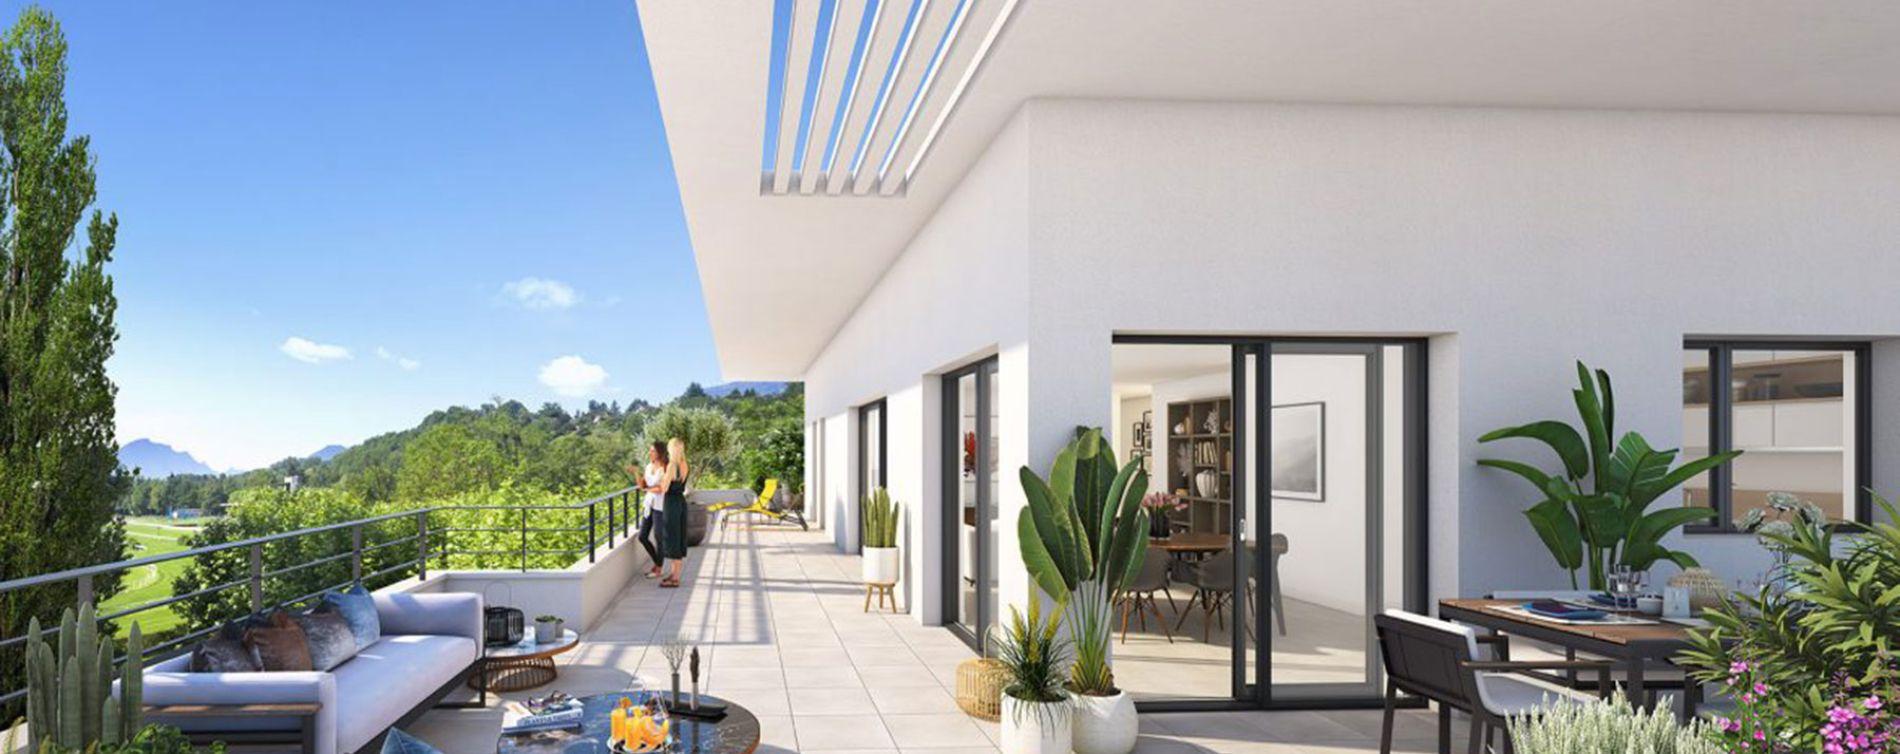 Aix-les-Bains : programme immobilier neuve « Les Jardins de l'Hippodrome » (3)